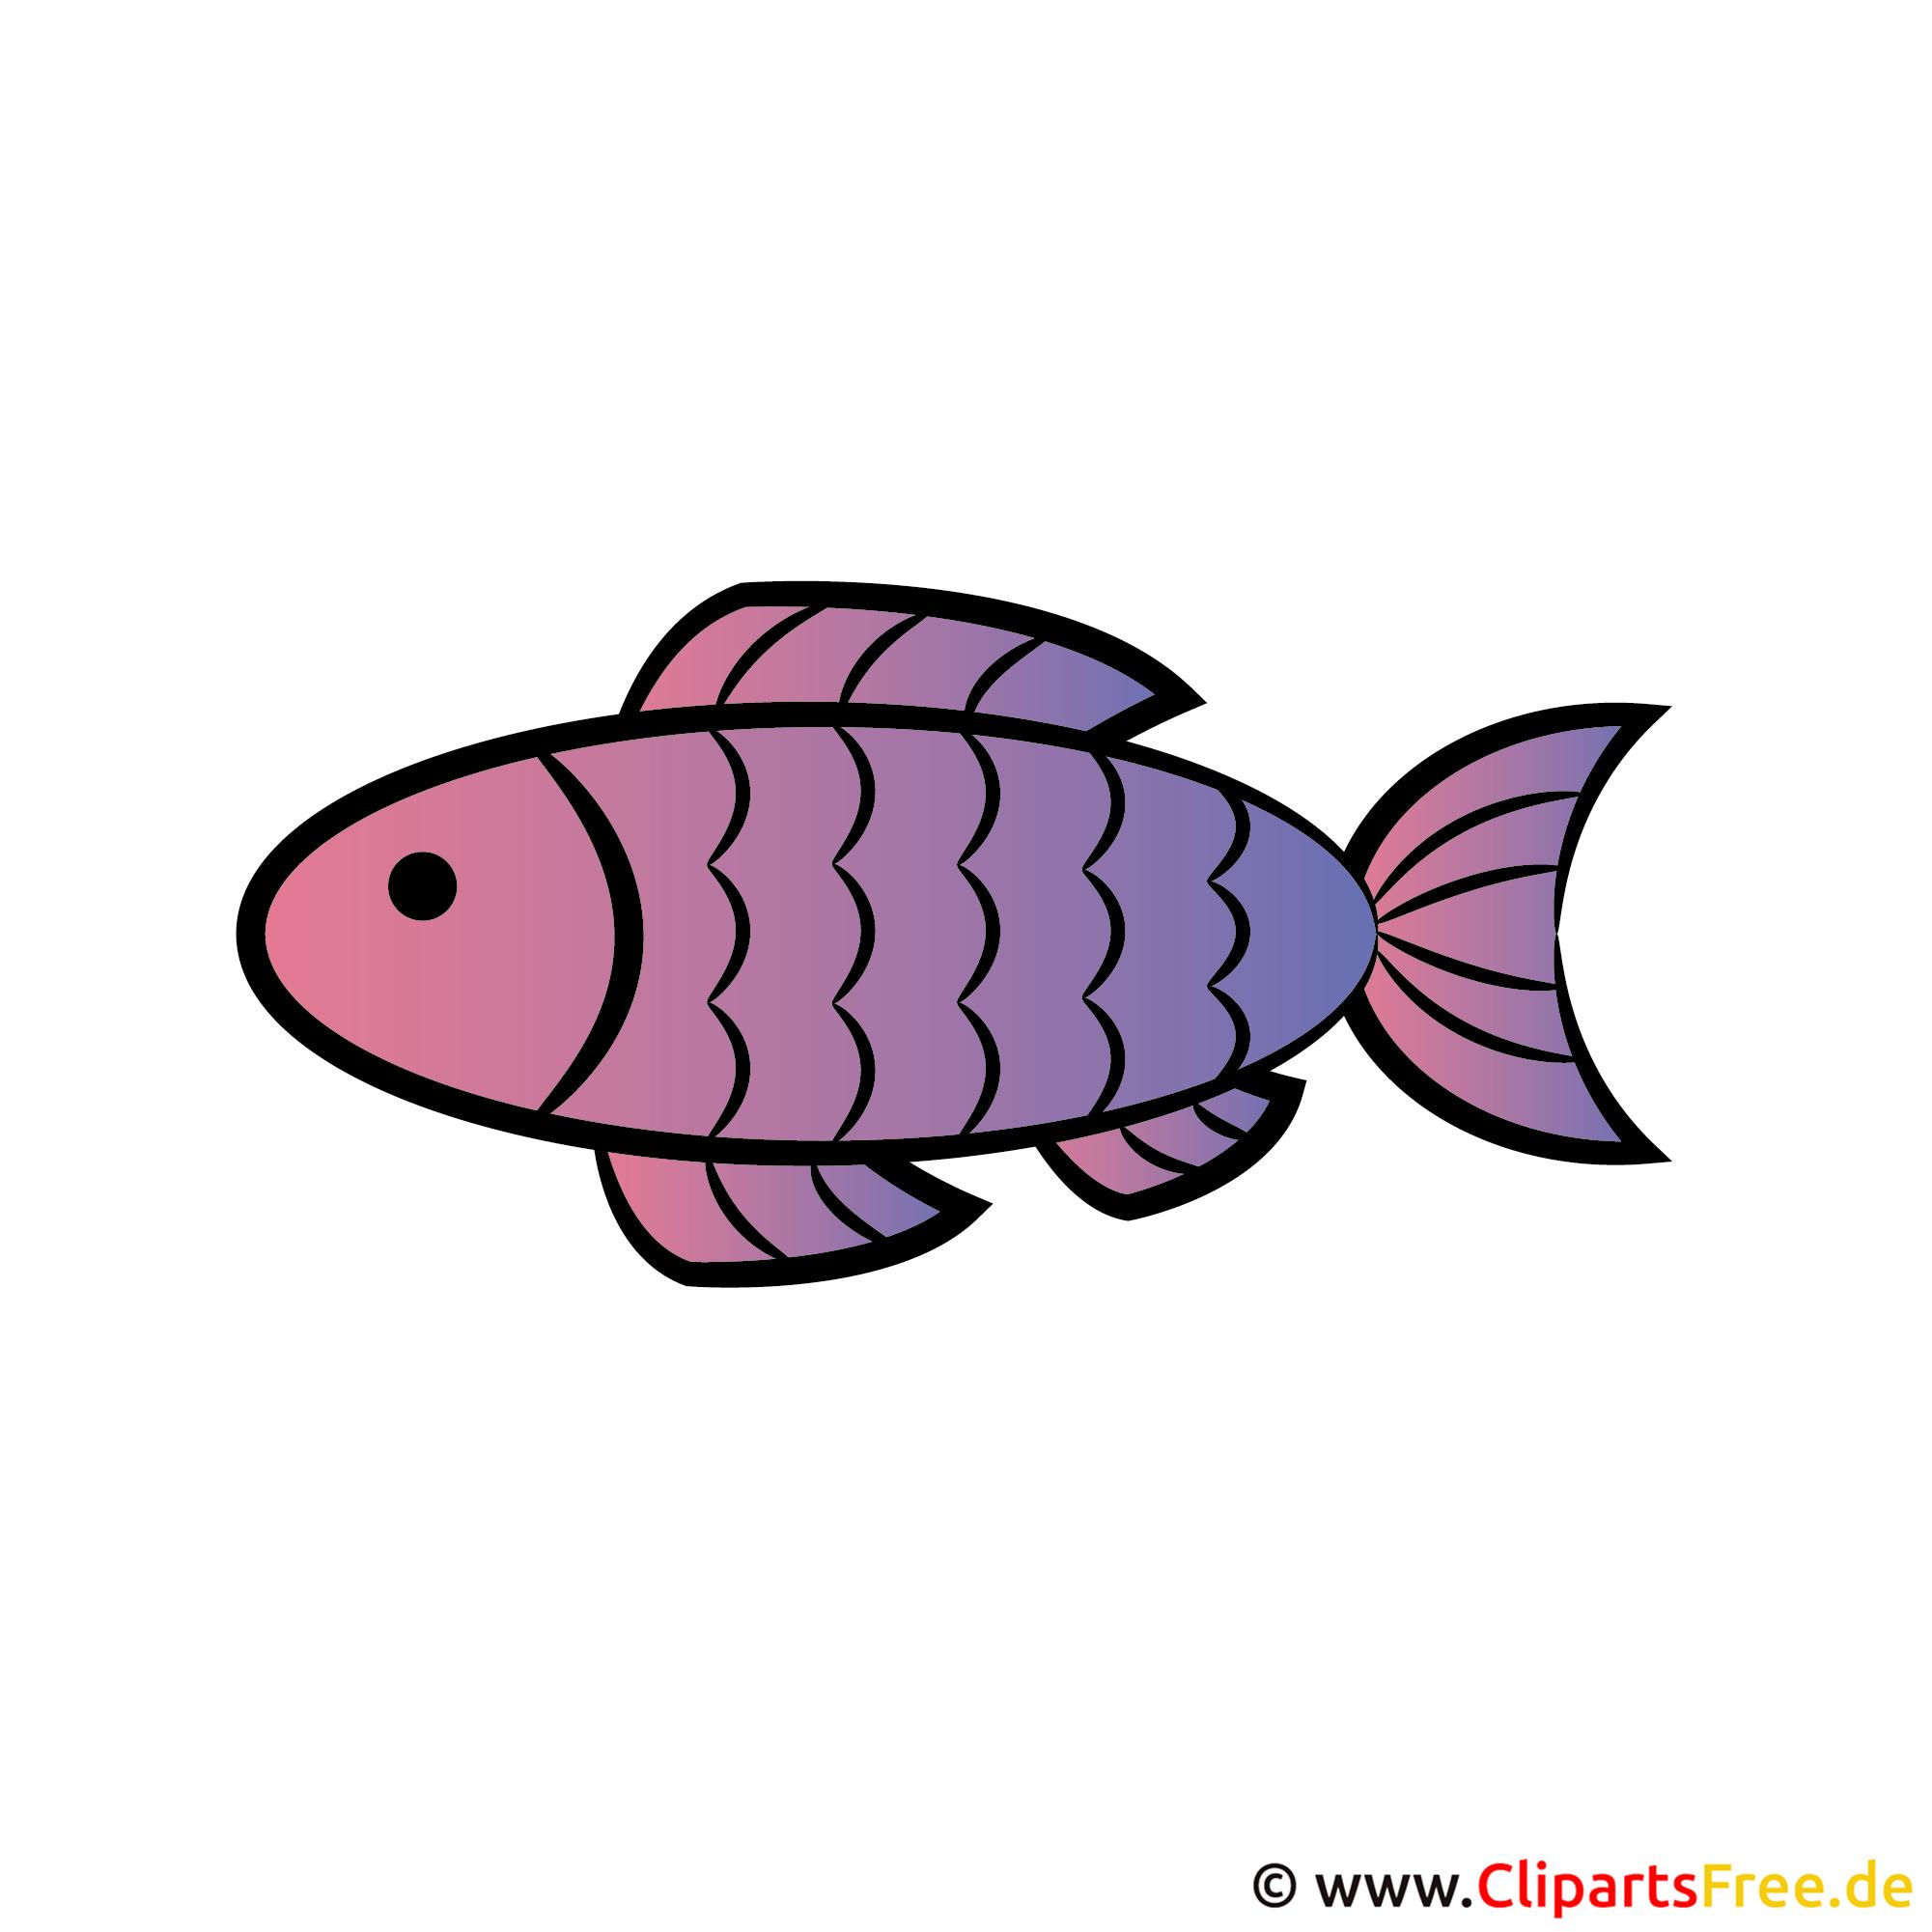 ... Fisch - Einladungen für Kommunion mit gratis Cliparts gestalten